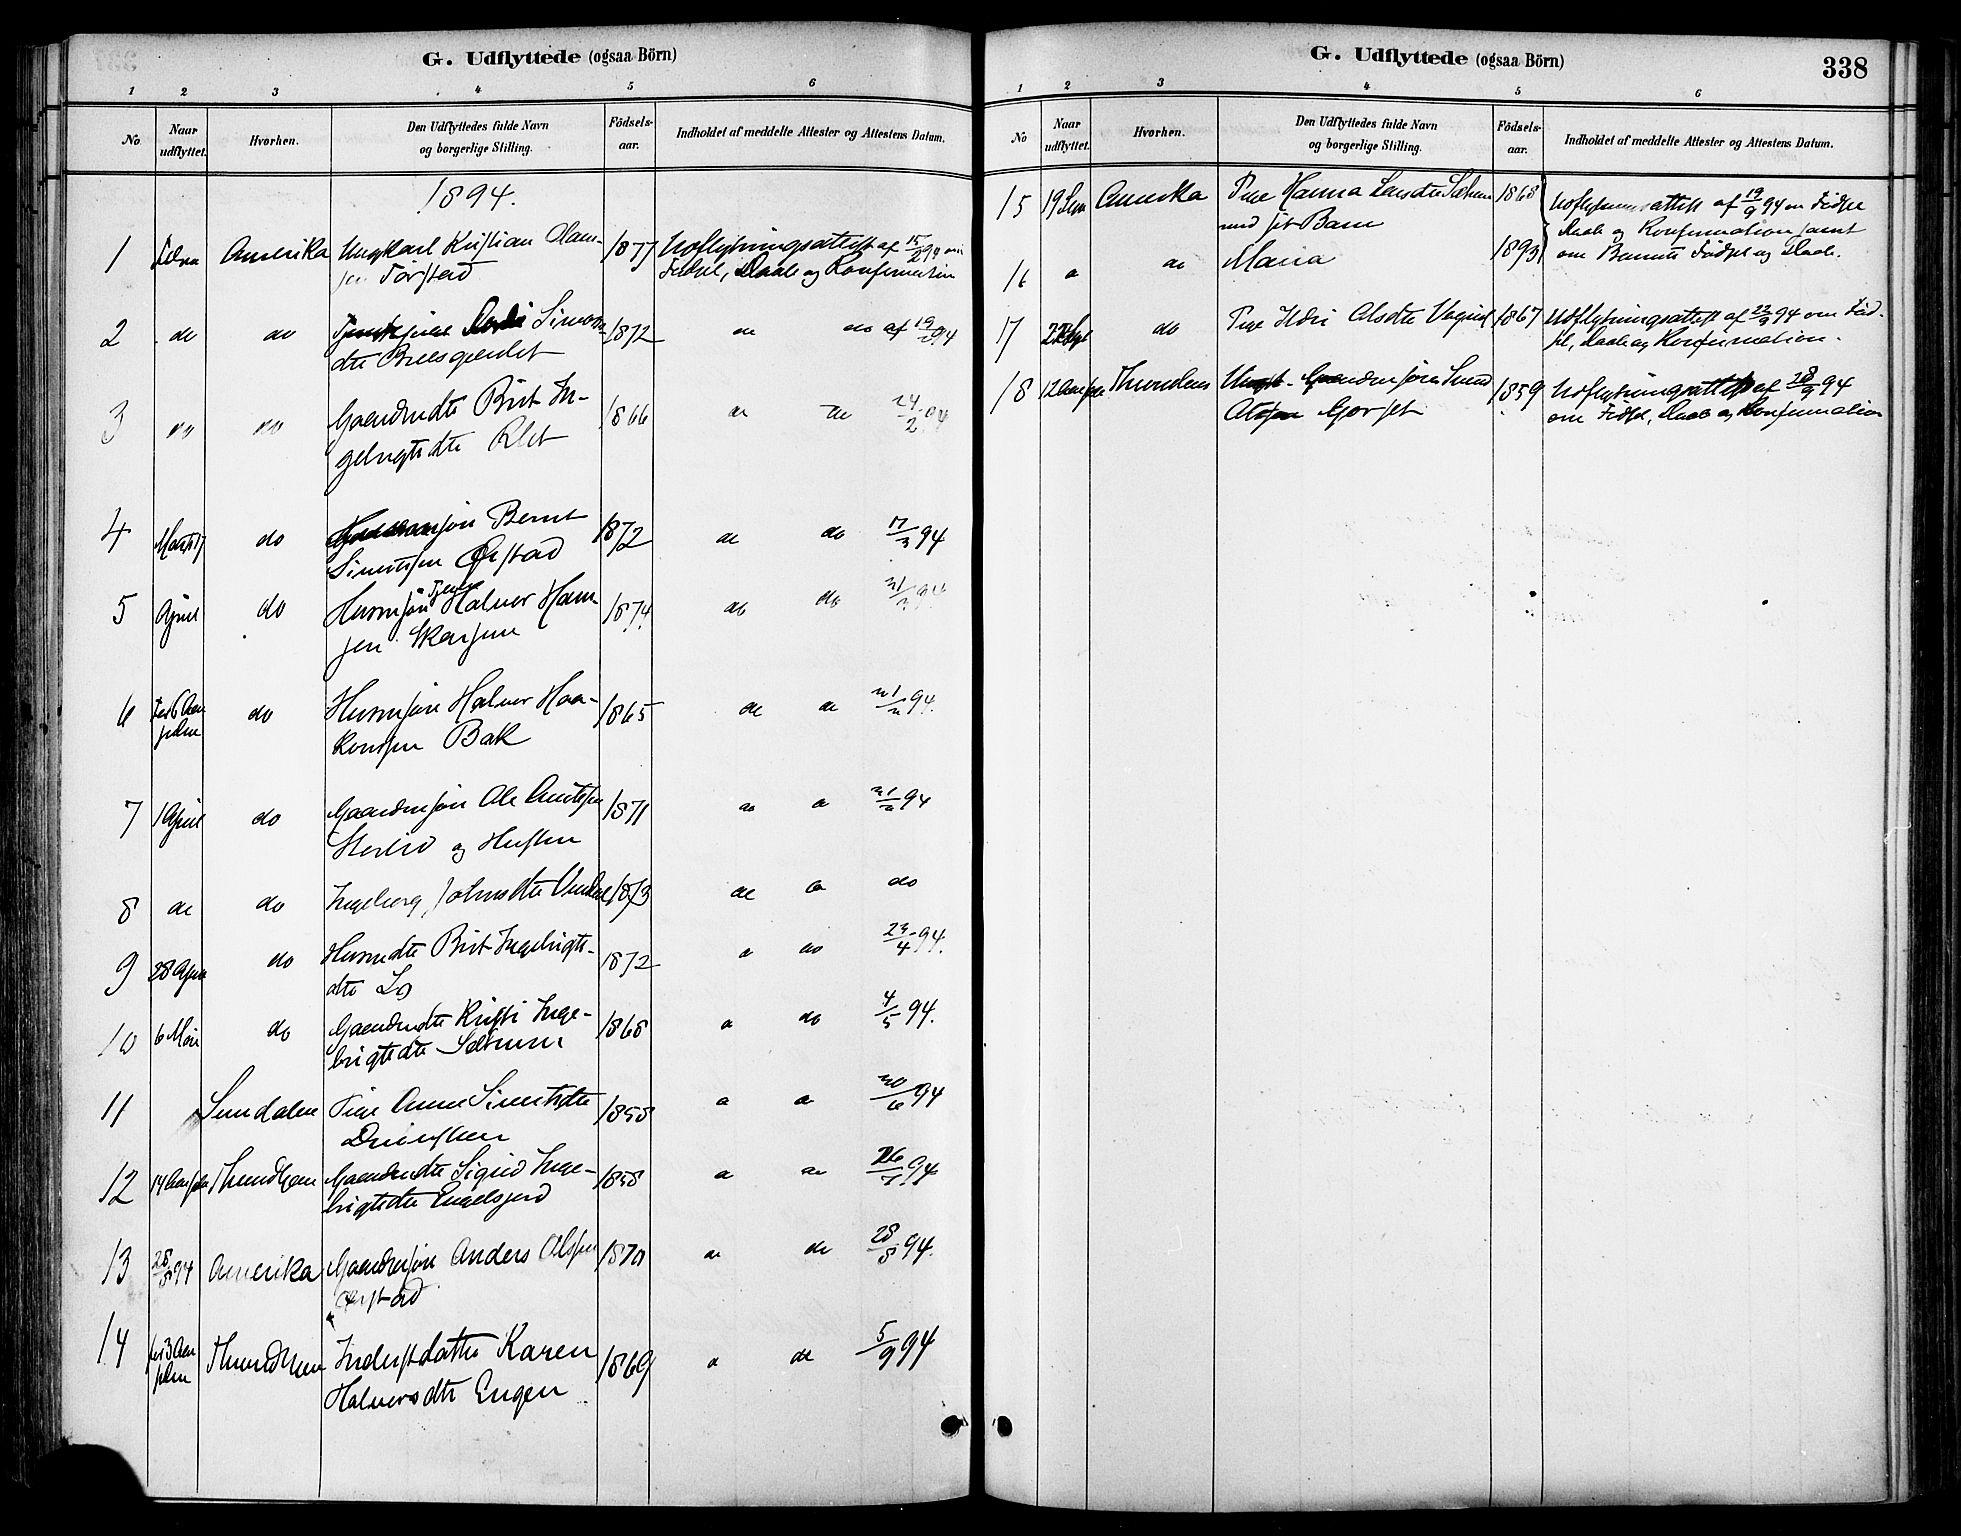 SAT, Ministerialprotokoller, klokkerbøker og fødselsregistre - Sør-Trøndelag, 678/L0901: Ministerialbok nr. 678A10, 1881-1894, s. 338